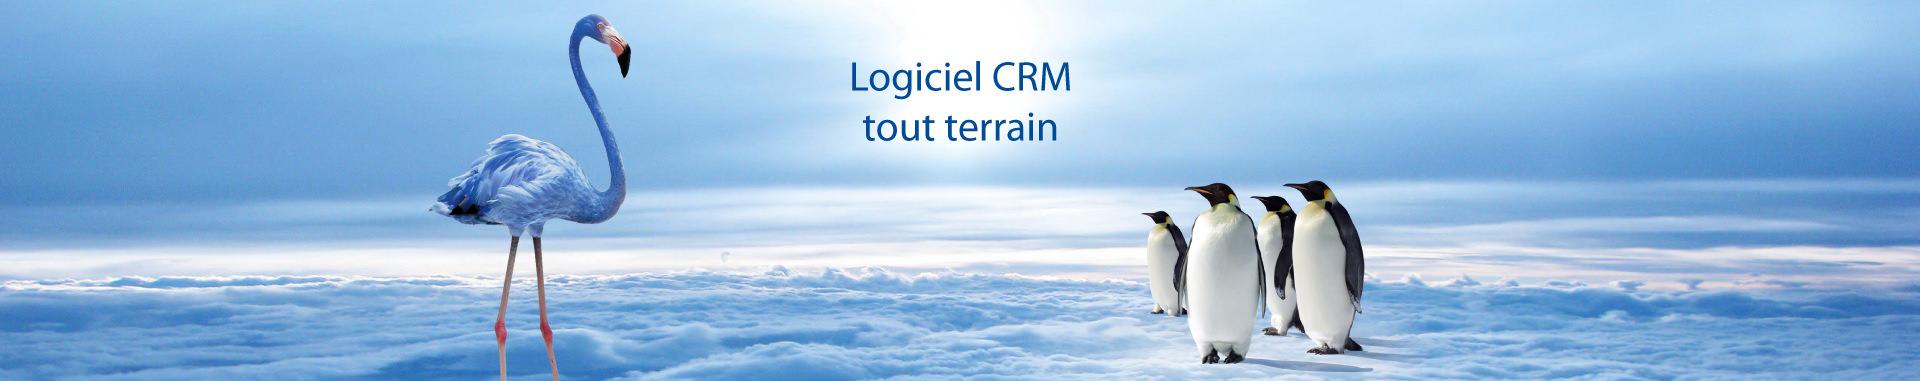 Logiciel CRM tout-terrain